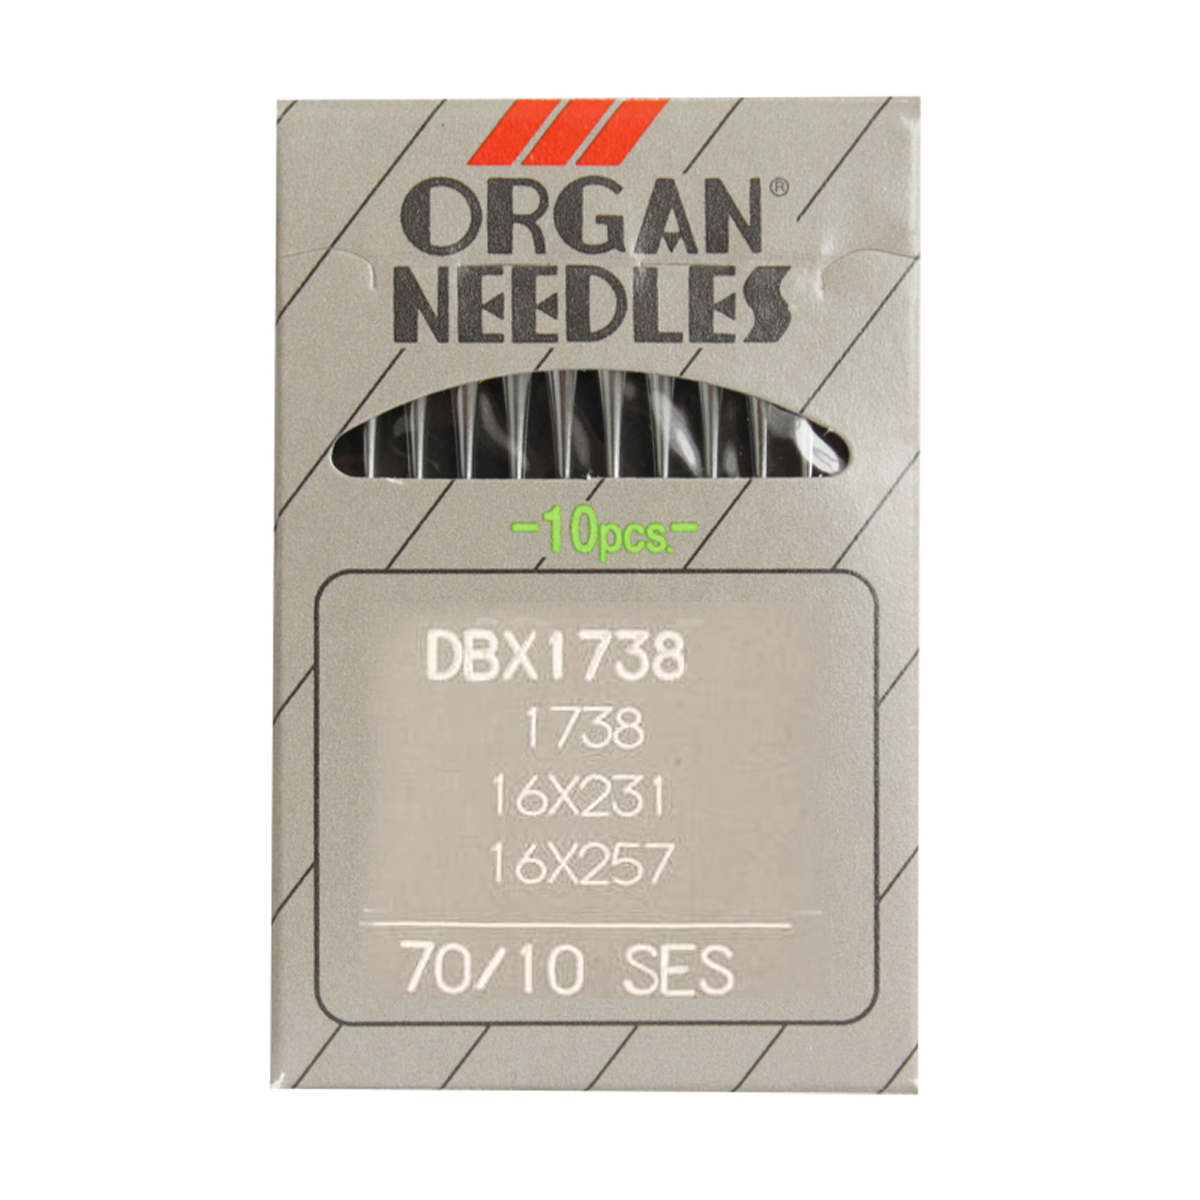 Иглы для промышленных швейных машин Organ, DBx1/70 SES, 10 шт162275Иглы для промышленных швейных машин Organ с маркировкой DBx1 предназначены для прямострочных швейных машин. Иглы используются для пошива трикотажа (SES). Острие игл тонкое, стандартное.Предназначены для машин цепного стежка 10Б, 53, 810 классов и импортных аналогов. В промышленных машинах используются иглы с круглыми колбами, в отличие от игл бытовых машин, у которых колбы плоские. Круглая колба позволяет при наладке машины и установке иглы поворачивать (вращать) иглу, закрепляя ее в нужном положении. Диаметр колбы: 1,64 мм. Длина иглы: 33,9 мм. Номер игл: 70.